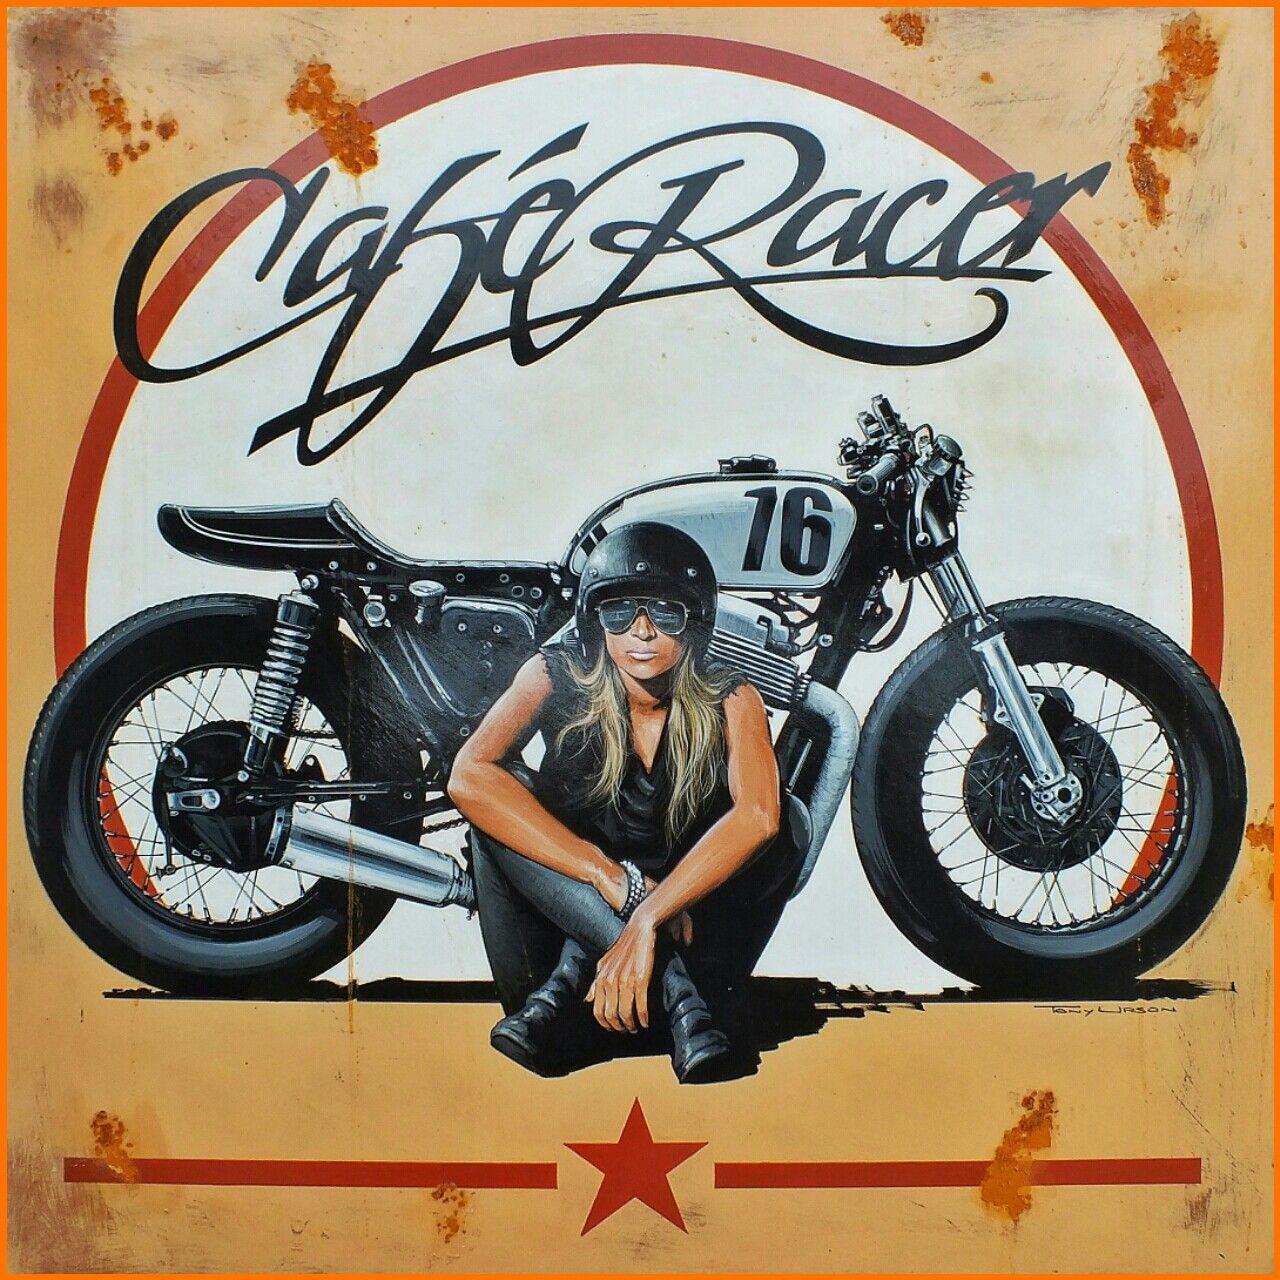 Cafe Racer By Tony Upson Vintage Cafe Racer Cafe Racer Biker Art